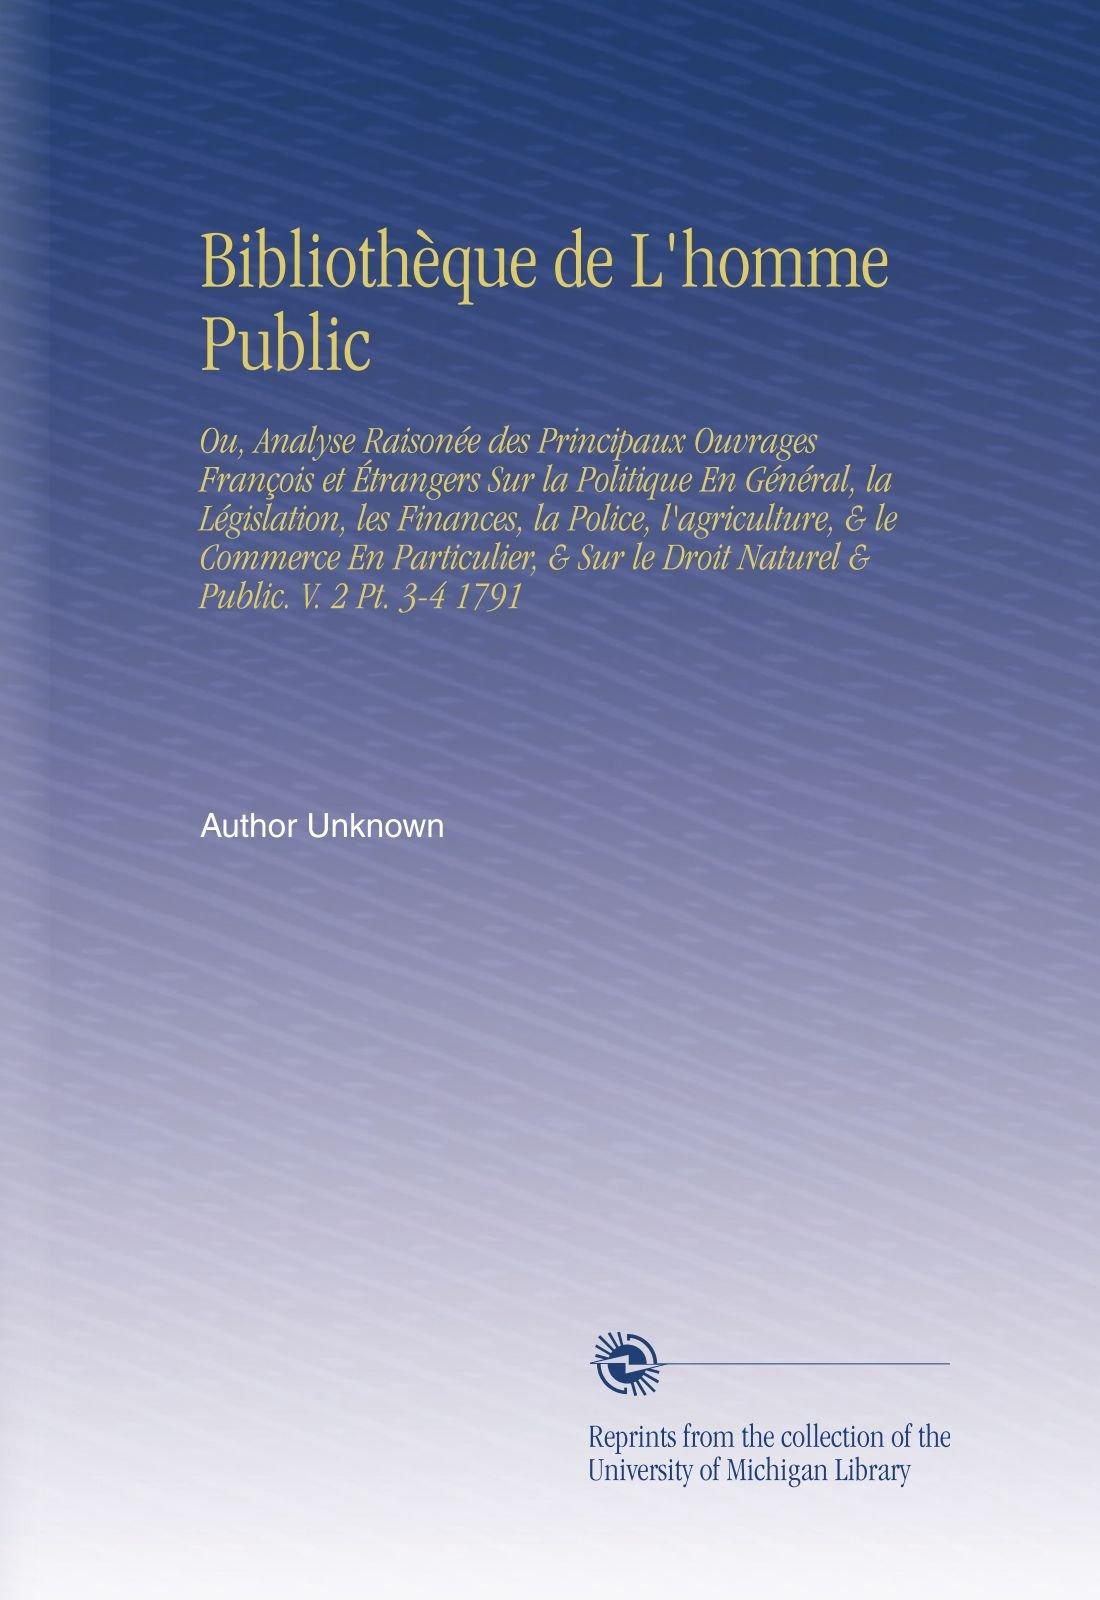 Download Bibliothèque de L'homme Public: Ou,  Analyse Raisonée des Principaux Ouvrages François et Étrangers Sur la Politique En Général,  la Législation,  les ... & Public. V. 2 Pt. 3-4 1791 (French Edition) pdf epub